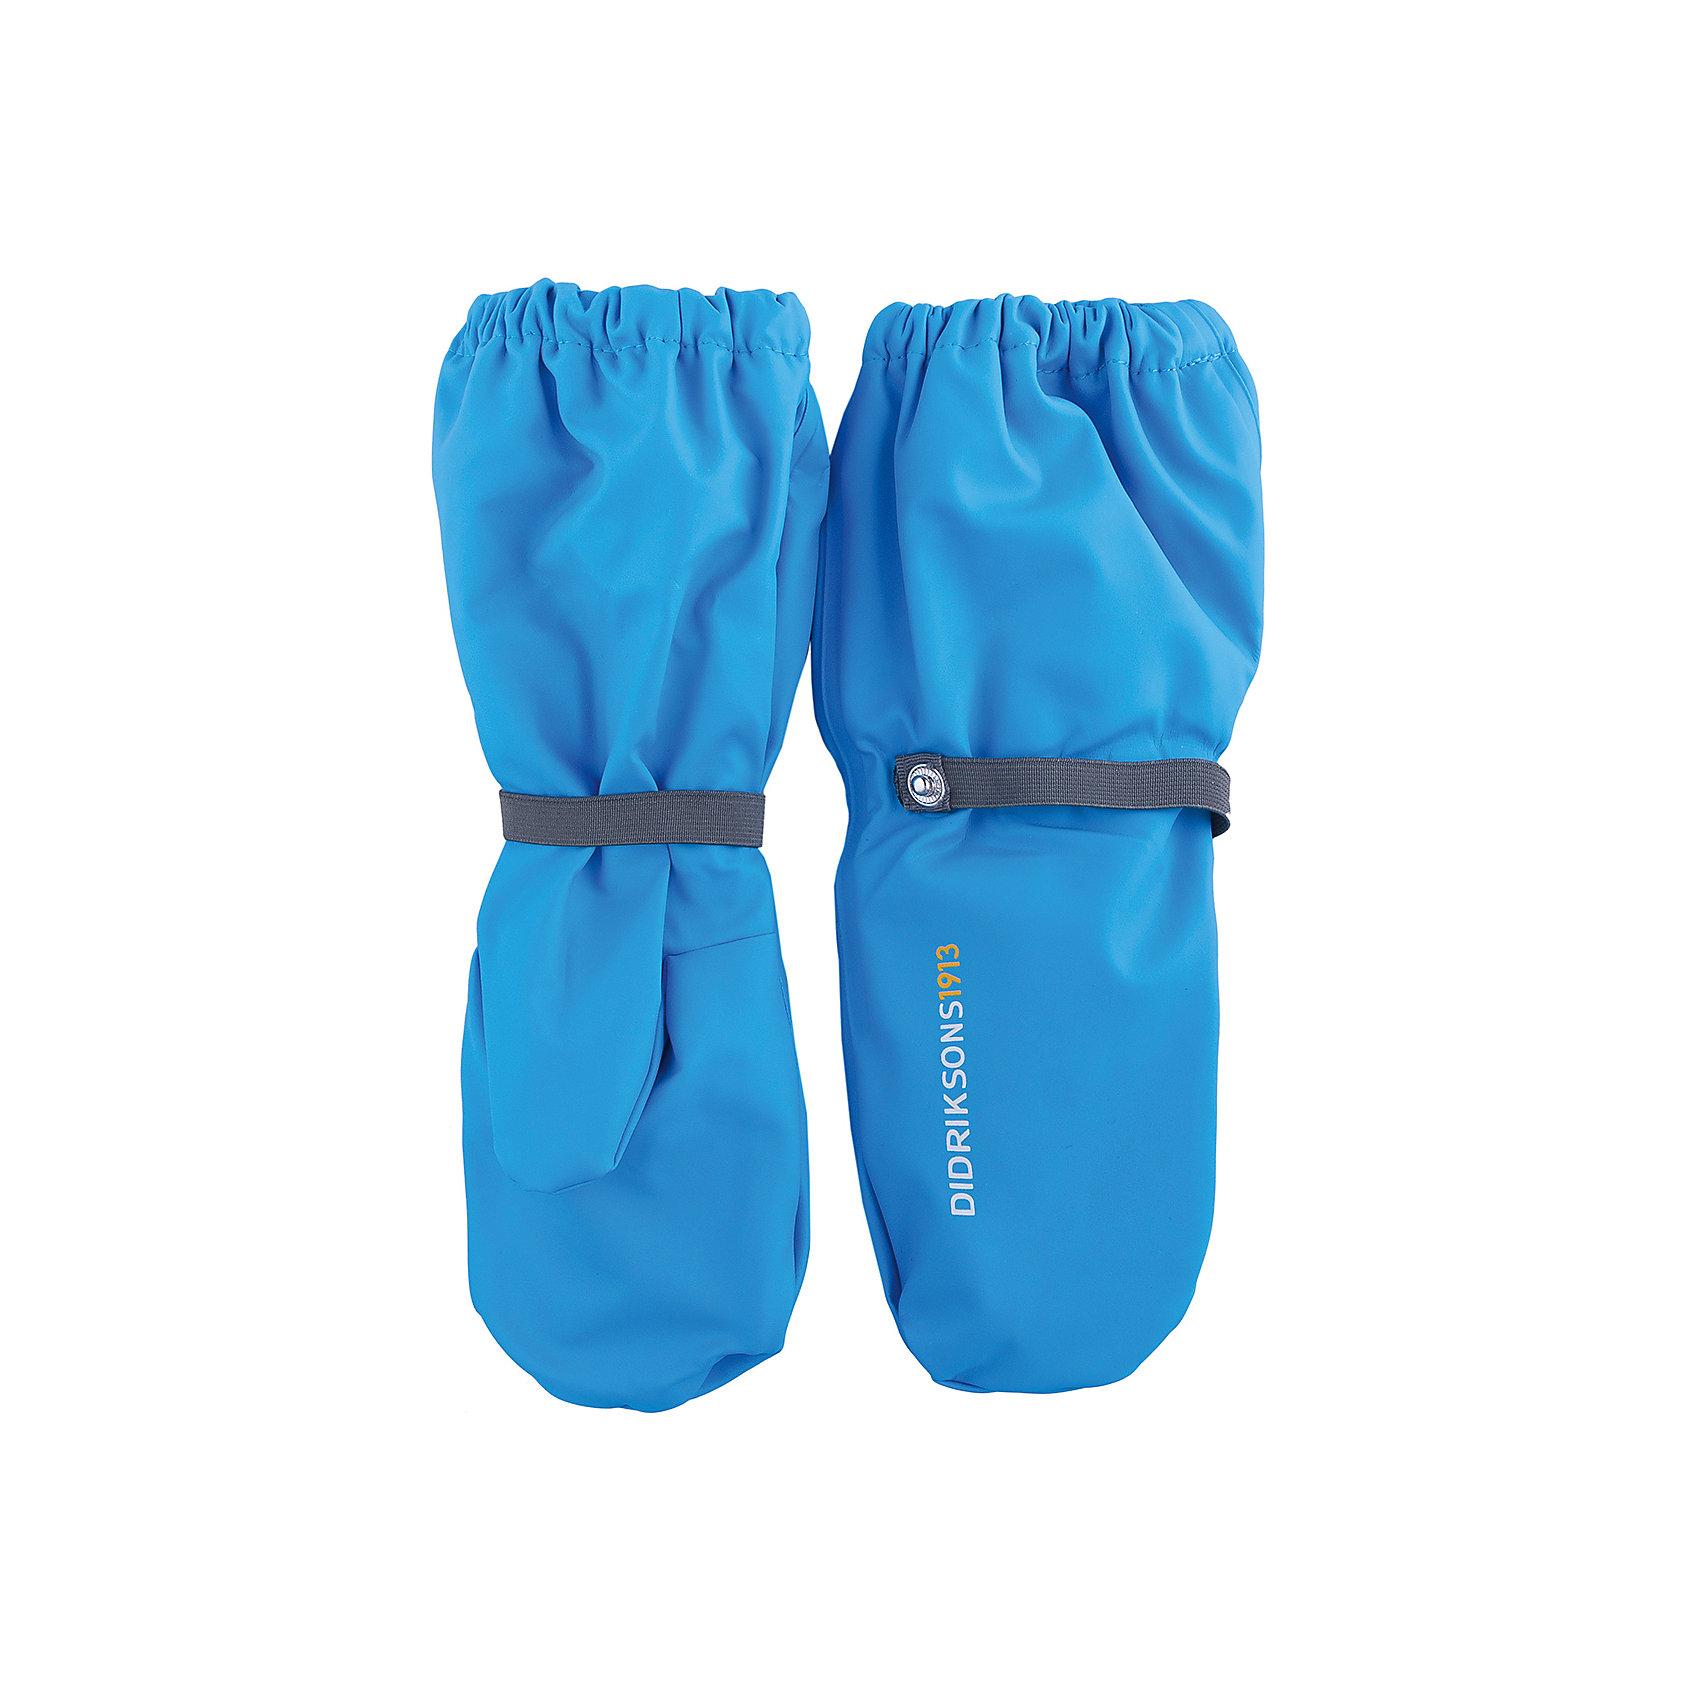 Варежки PILEGLOVE DIDRIKSONS для мальчикаПерчатки, варежки<br>Характеристики товара:<br><br>• цвет: синий<br>• состав ткани: 100% полиуретан<br>• подкладка: 100% полиэстер (флис)<br>• утеплитель: нет<br>• сезон: демисезон<br>• температурный режим: от 0 до +5<br>• влагонепроницаемость: 8000 мм <br>• пропаянные швы<br>• непродуваемые<br>• застежка: резинка<br>• страна бренда: Швеция<br>• страна изготовитель: Китай<br><br>Непромокаемый плотный материал таких детских варежек обеспечит защиту от холода и влаги. Демисезонные варежки плотно держатся на руке благодаря мягкой резинке. Эти непромокаемые варежки для ребенка отличаются модным дизайном. Простые в уходе варежки сделаны из легкого, но прочного материала. <br><br>Варежки для мальчика Pileglove Didriksons (Дидриксонс) можно купить в нашем интернет-магазине.<br><br>Ширина мм: 162<br>Глубина мм: 171<br>Высота мм: 55<br>Вес г: 119<br>Цвет: голубой<br>Возраст от месяцев: 132<br>Возраст до месяцев: 156<br>Пол: Мужской<br>Возраст: Детский<br>Размер: 6,0,2,4<br>SKU: 7044796